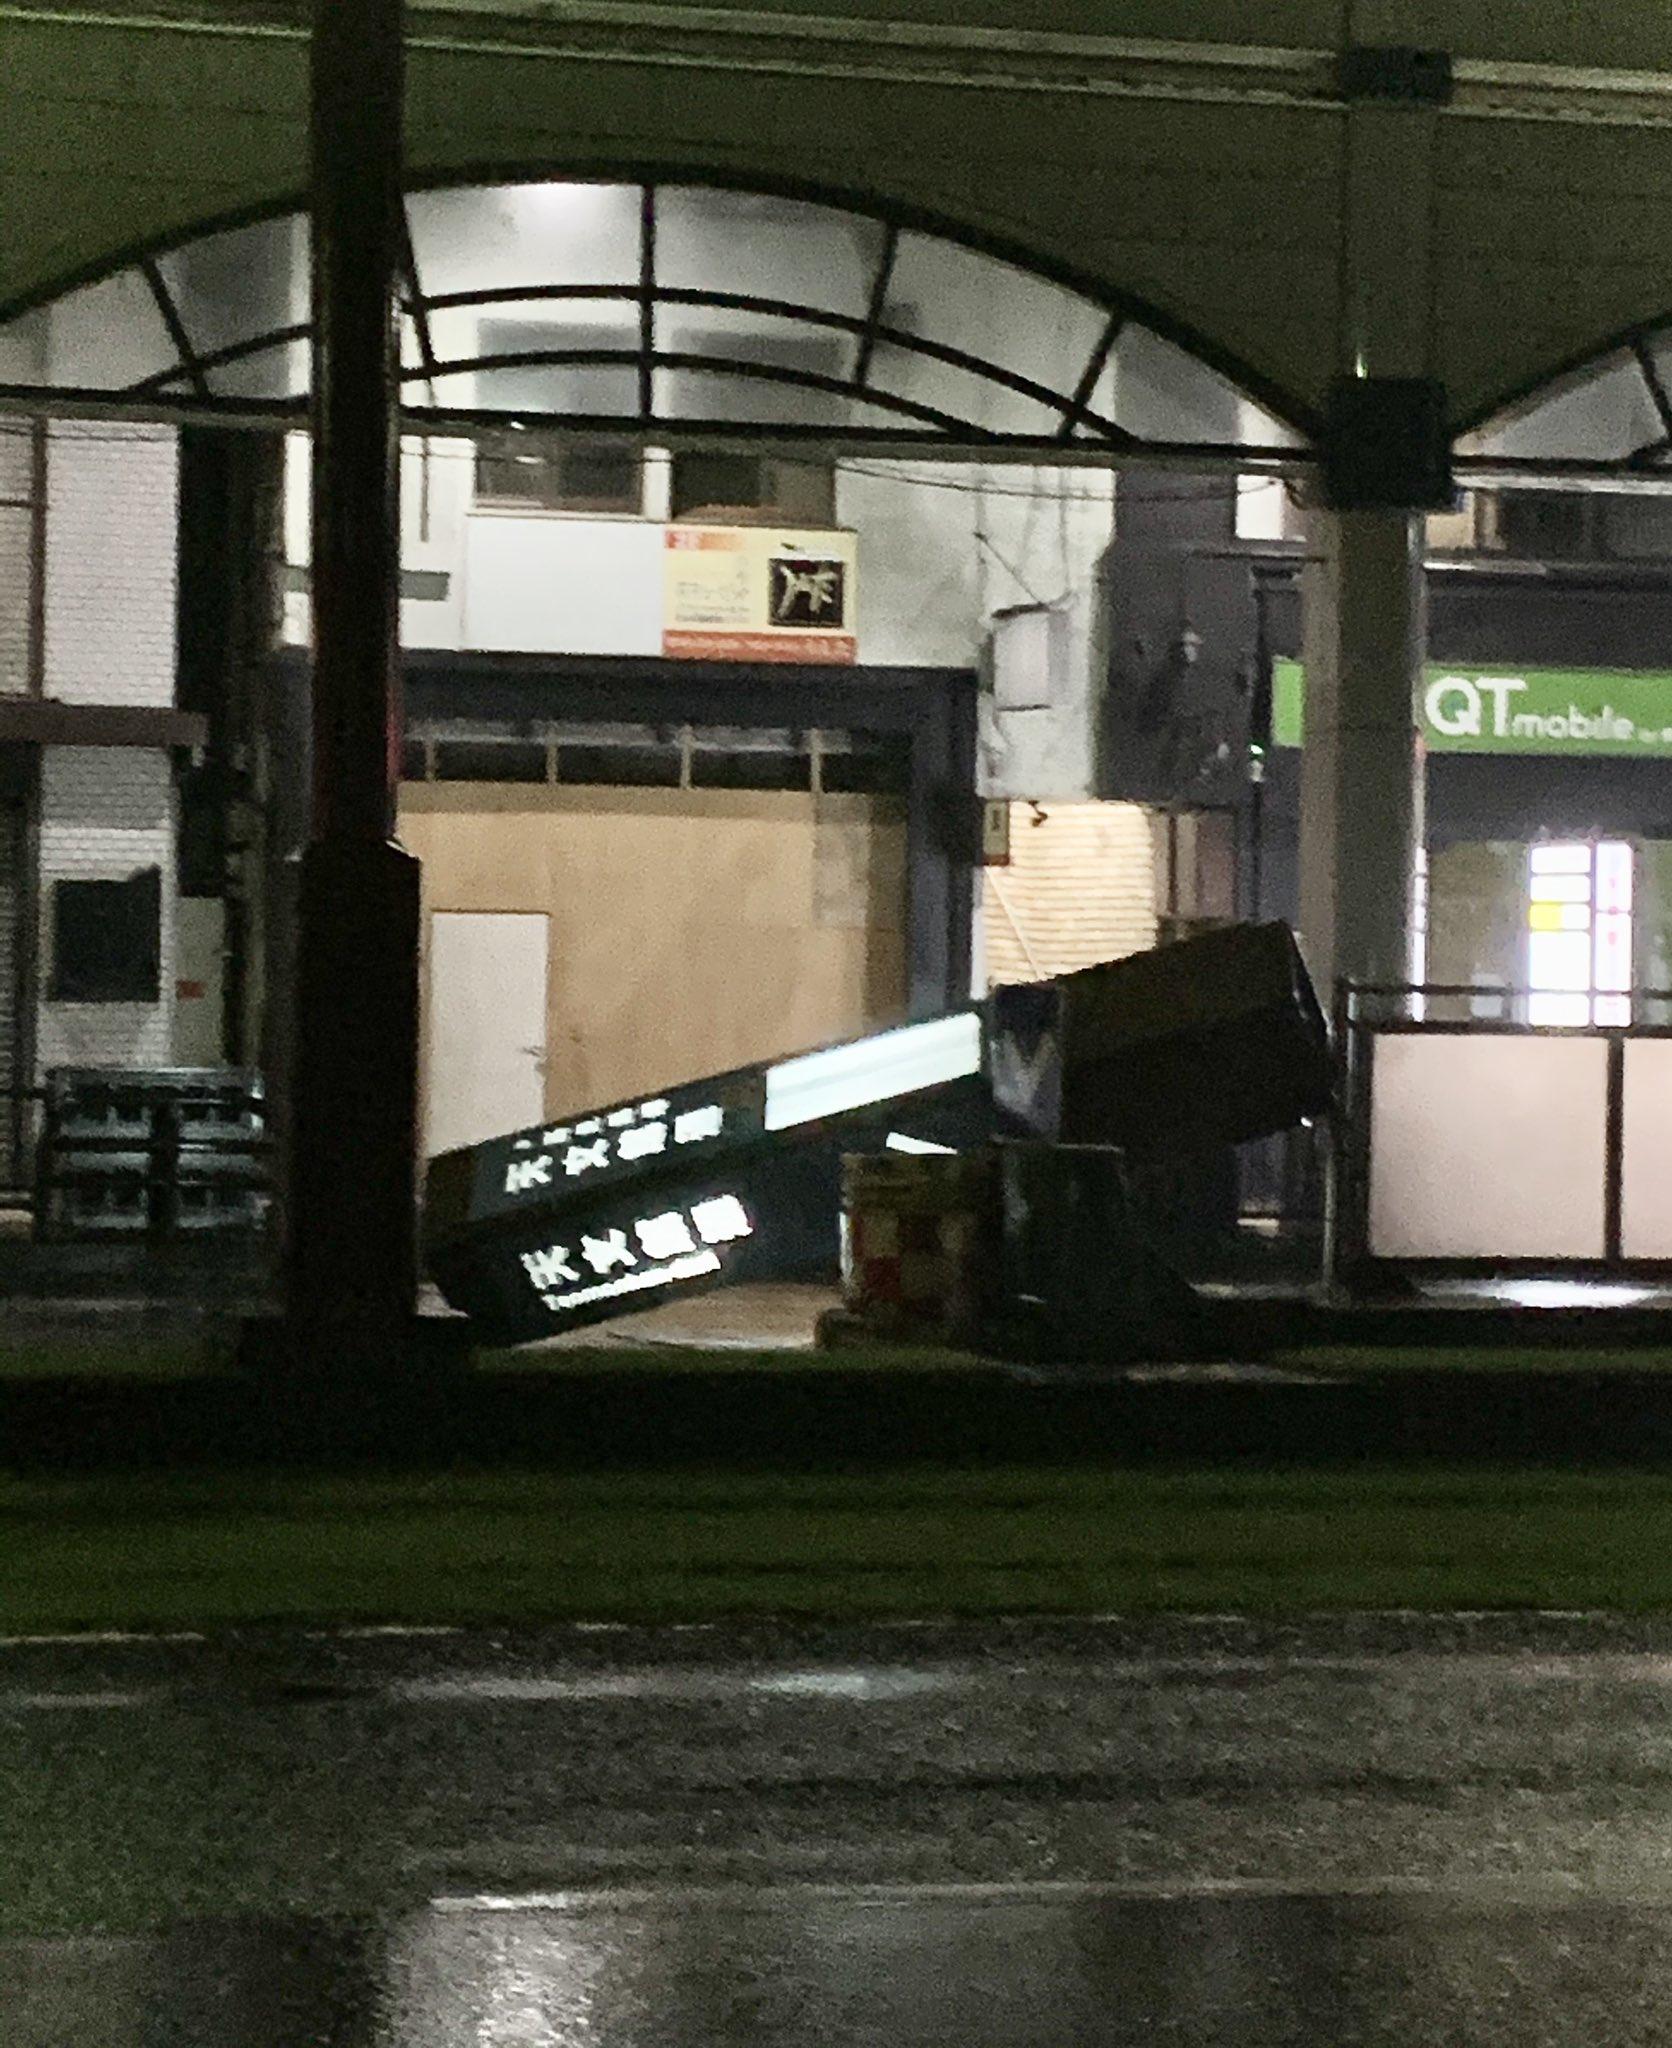 福岡市の台風10号で天文館通停留場が倒れてる画像